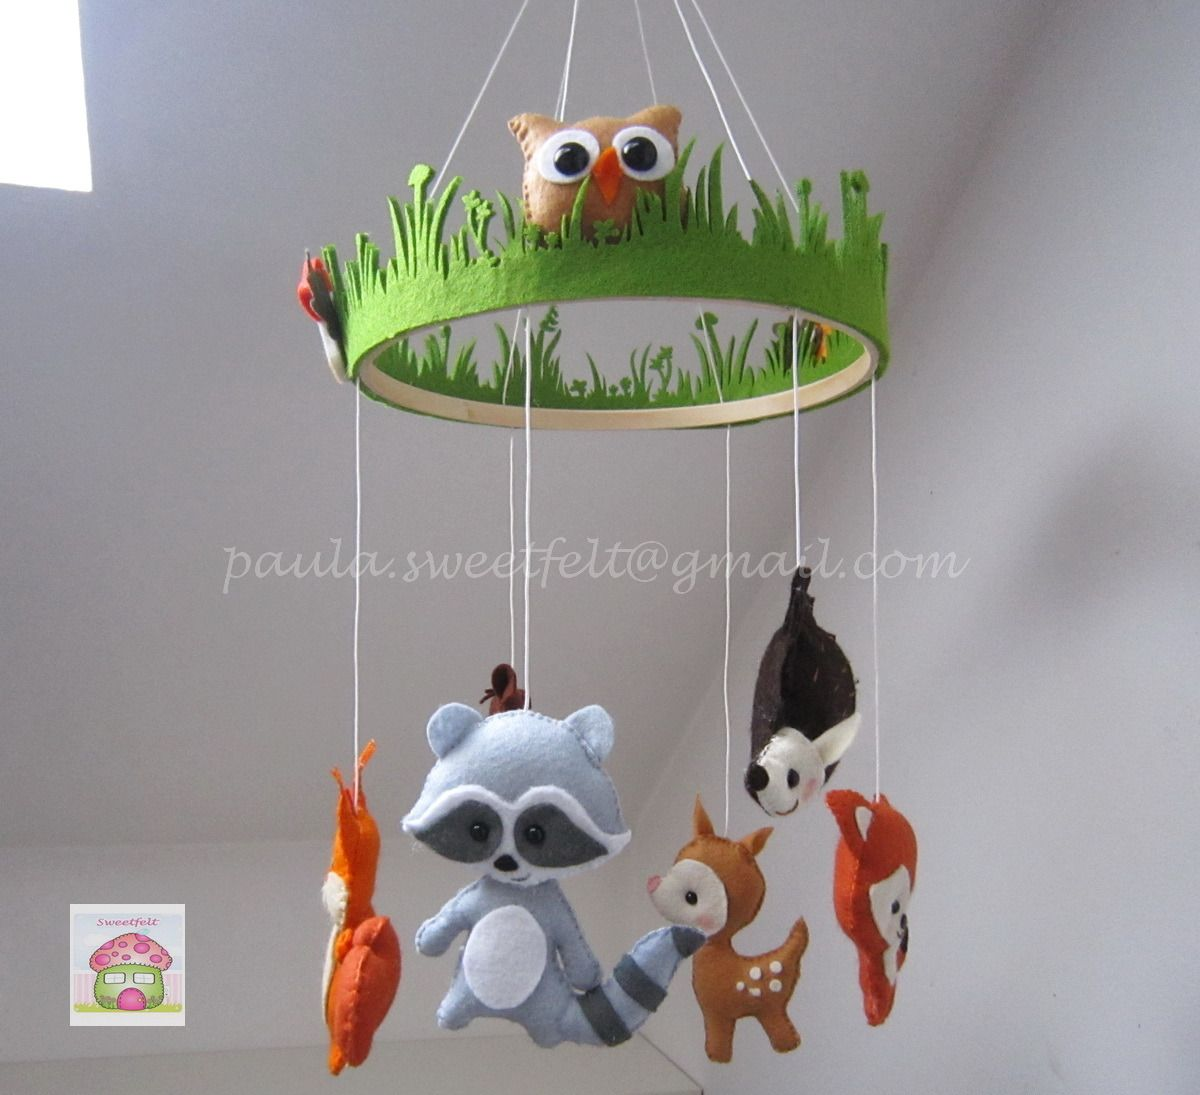 mobile animaux de la for t pour b b jeux peluches doudous par sweetfelt felt craft. Black Bedroom Furniture Sets. Home Design Ideas